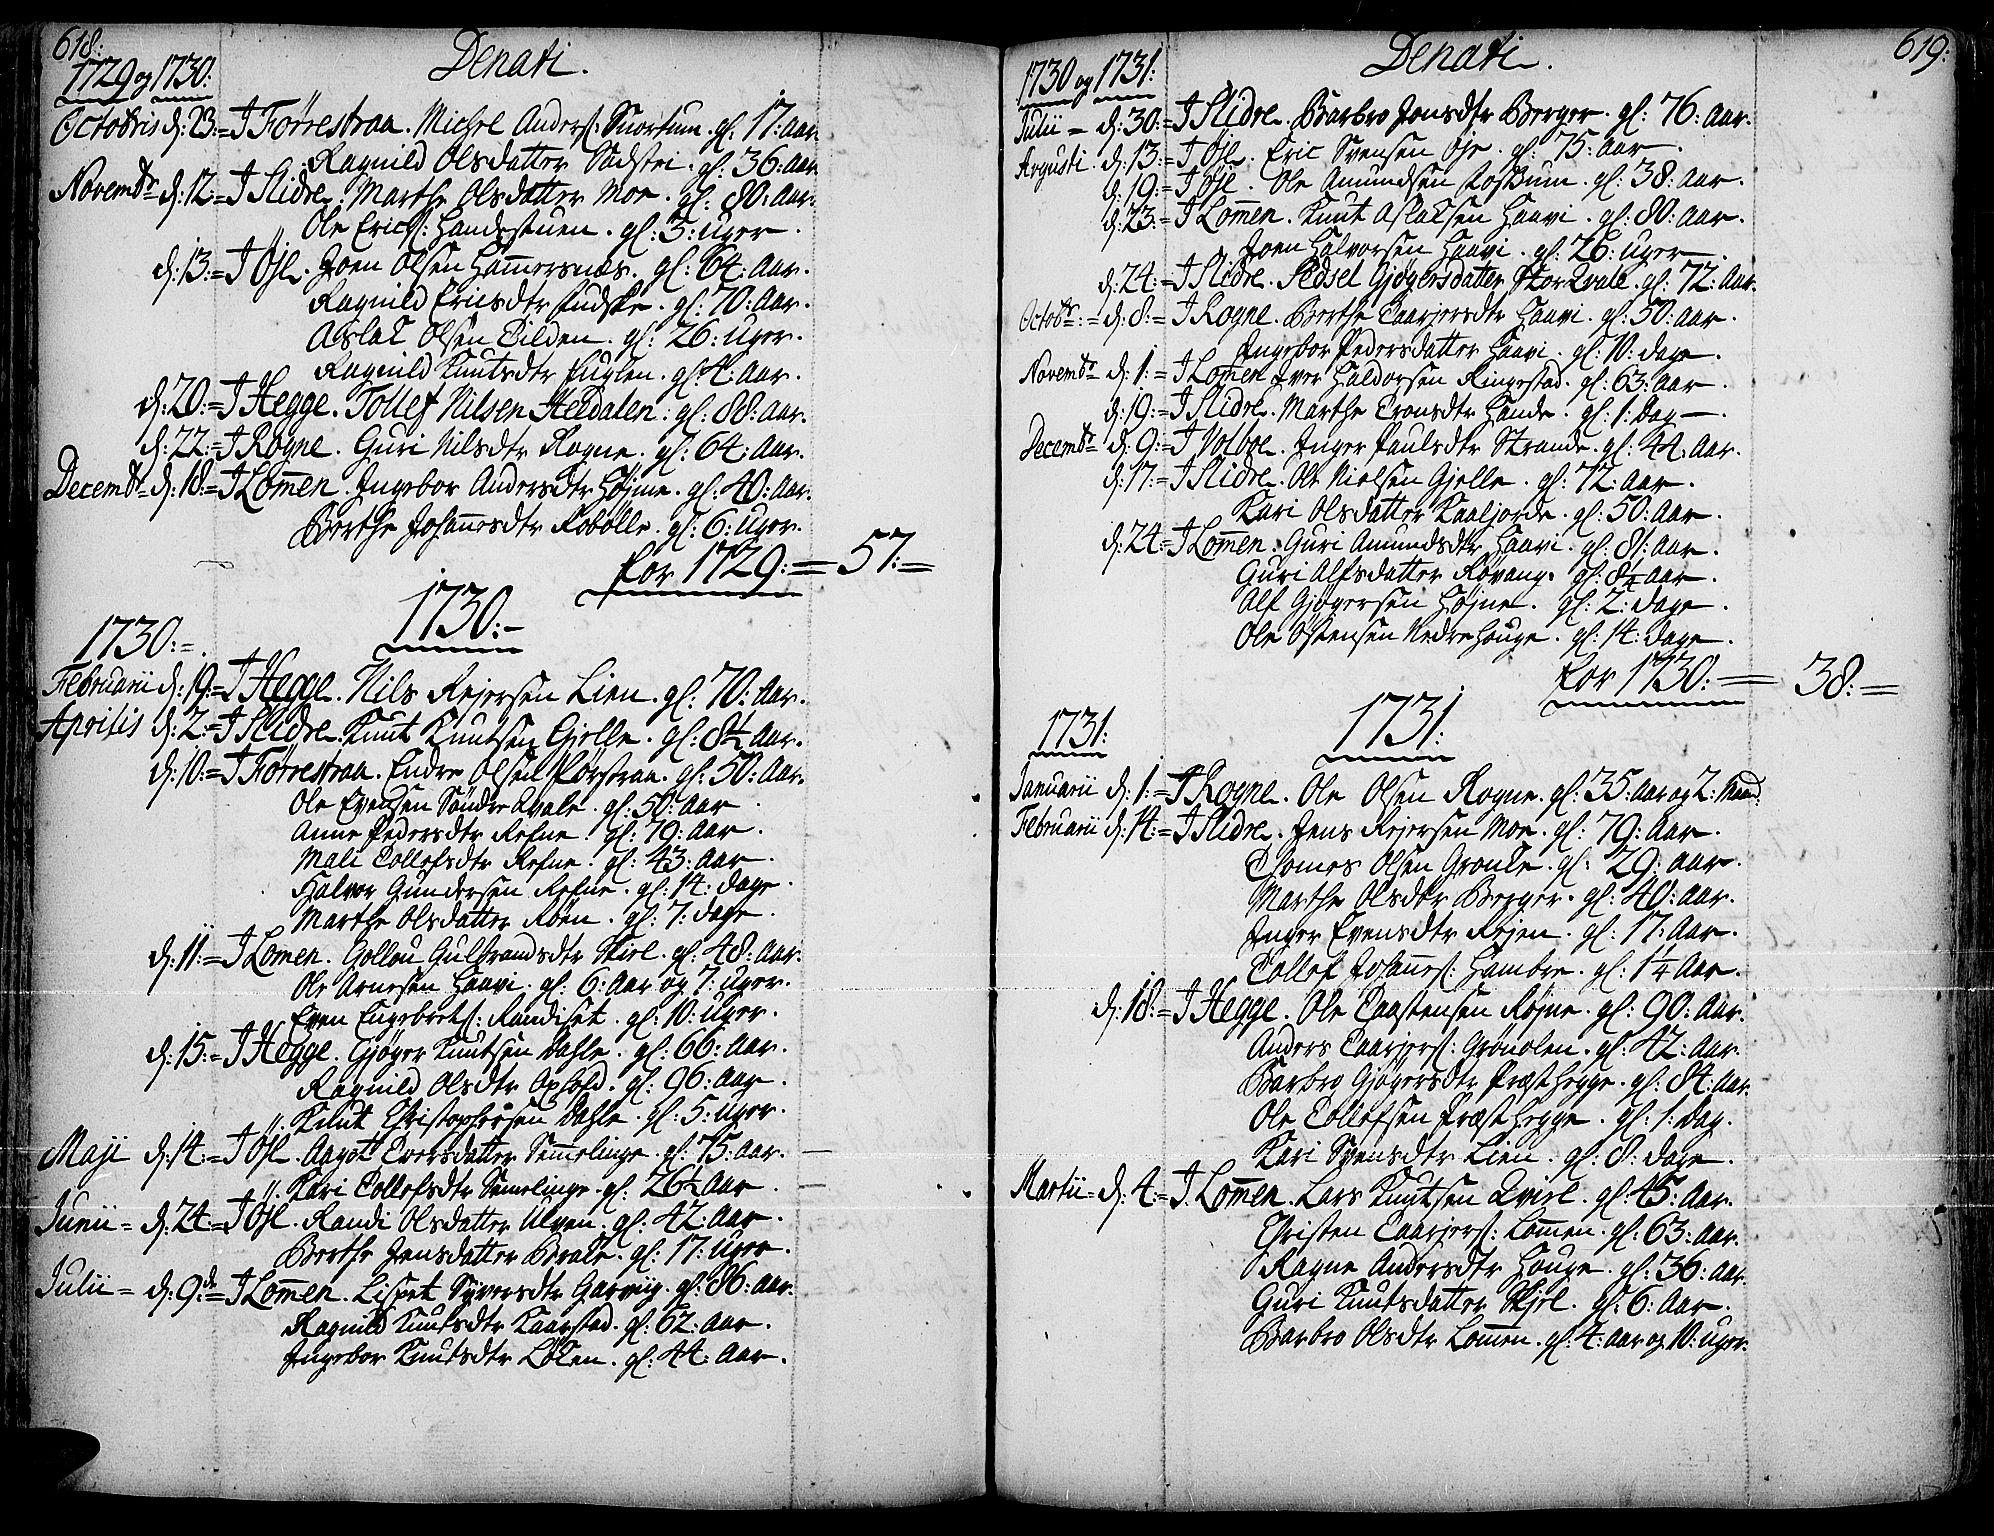 SAH, Slidre prestekontor, Ministerialbok nr. 1, 1724-1814, s. 618-619